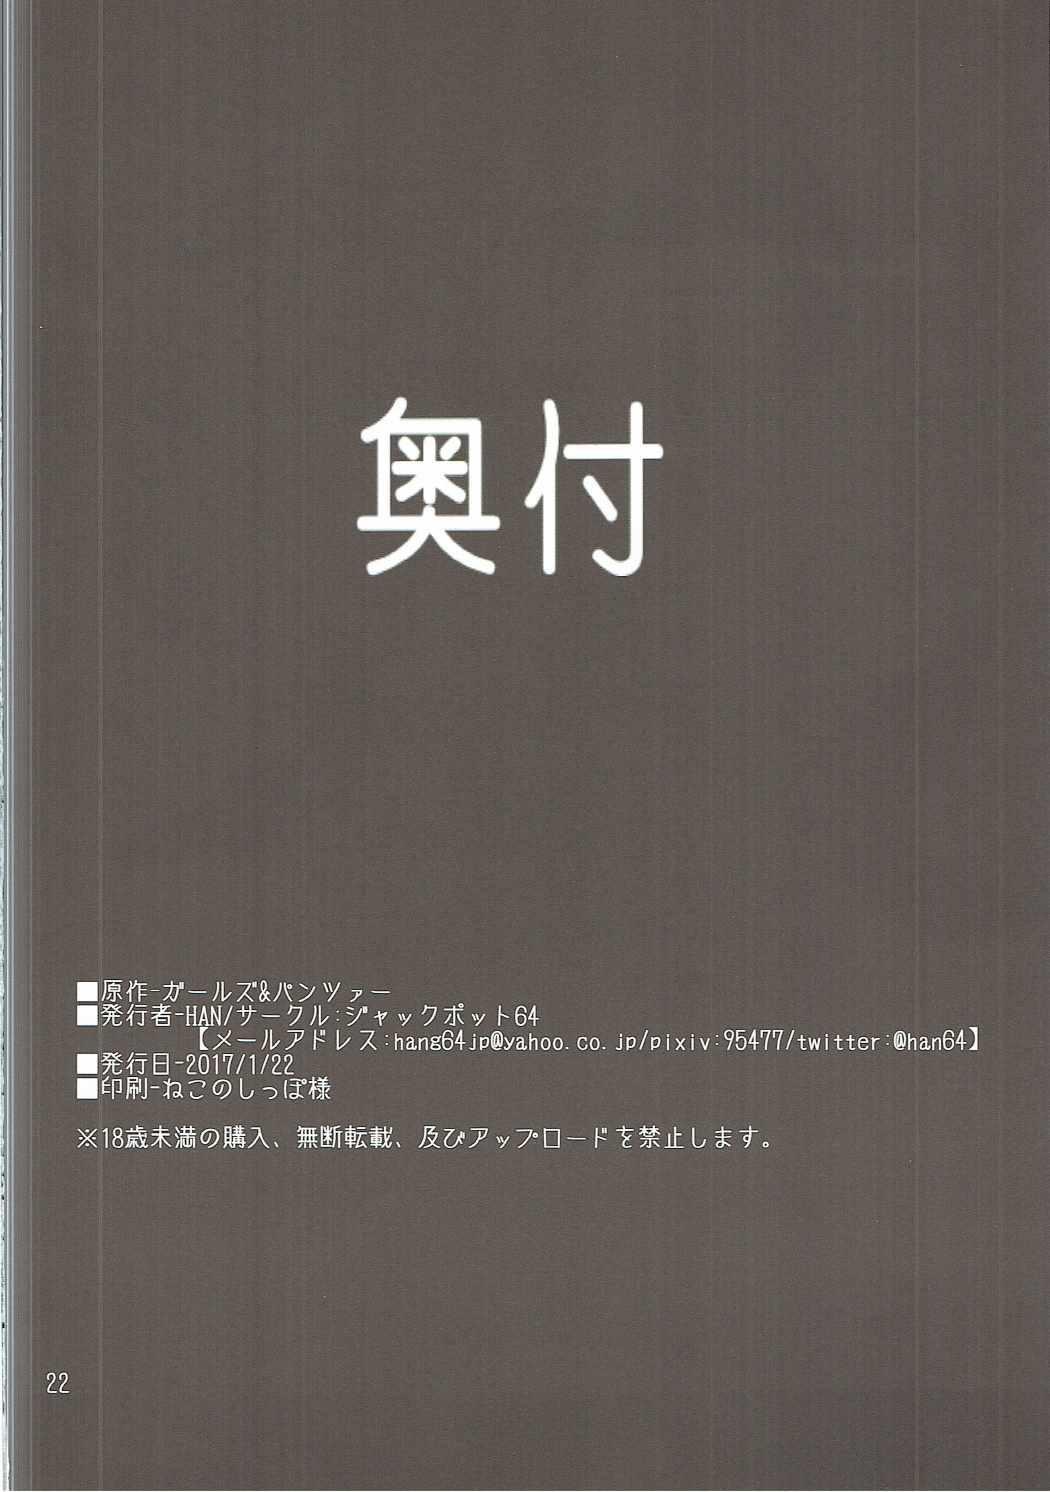 Wagaya no Chiyomi Onee-chan 2 20